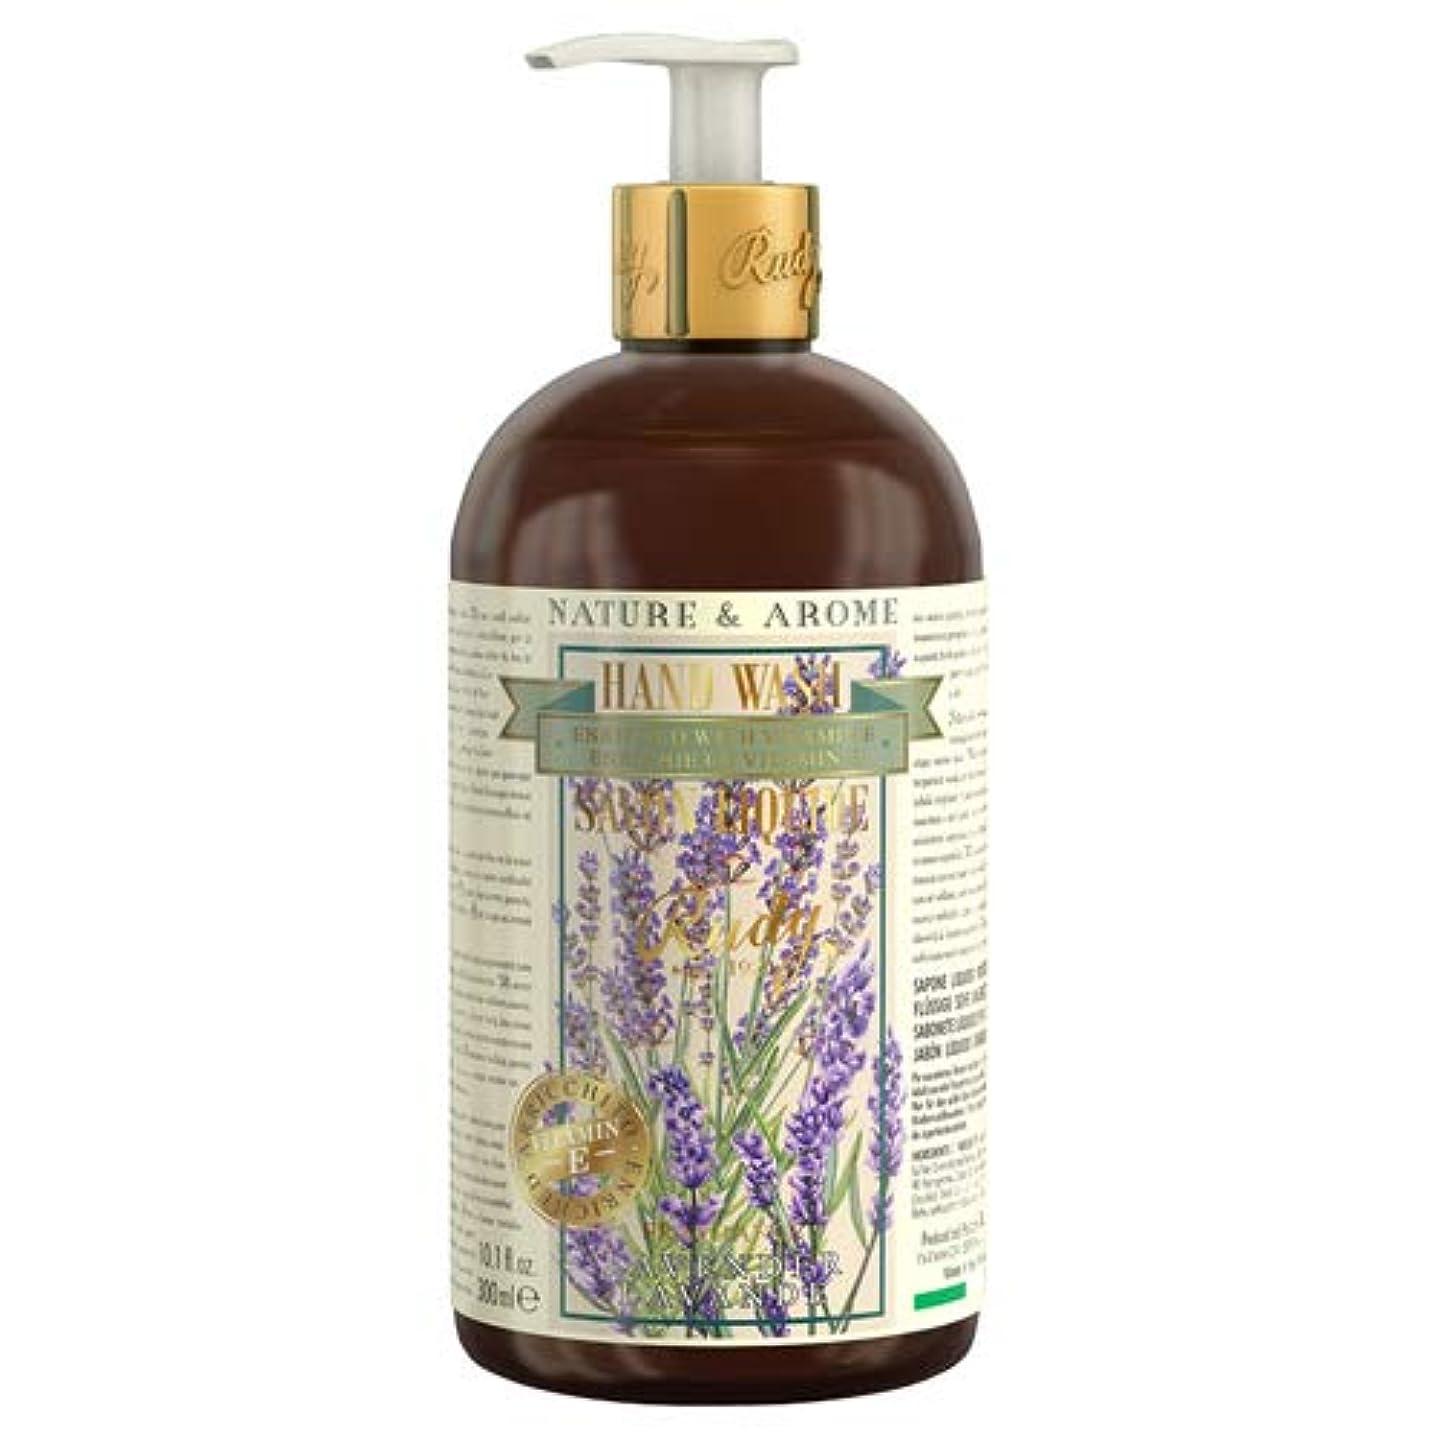 RUDY Nature&Arome Apothecary ネイチャーアロマ アポセカリー Hand Wash ハンドウォッシュ(ボディソープ) Laveder ラベンダー